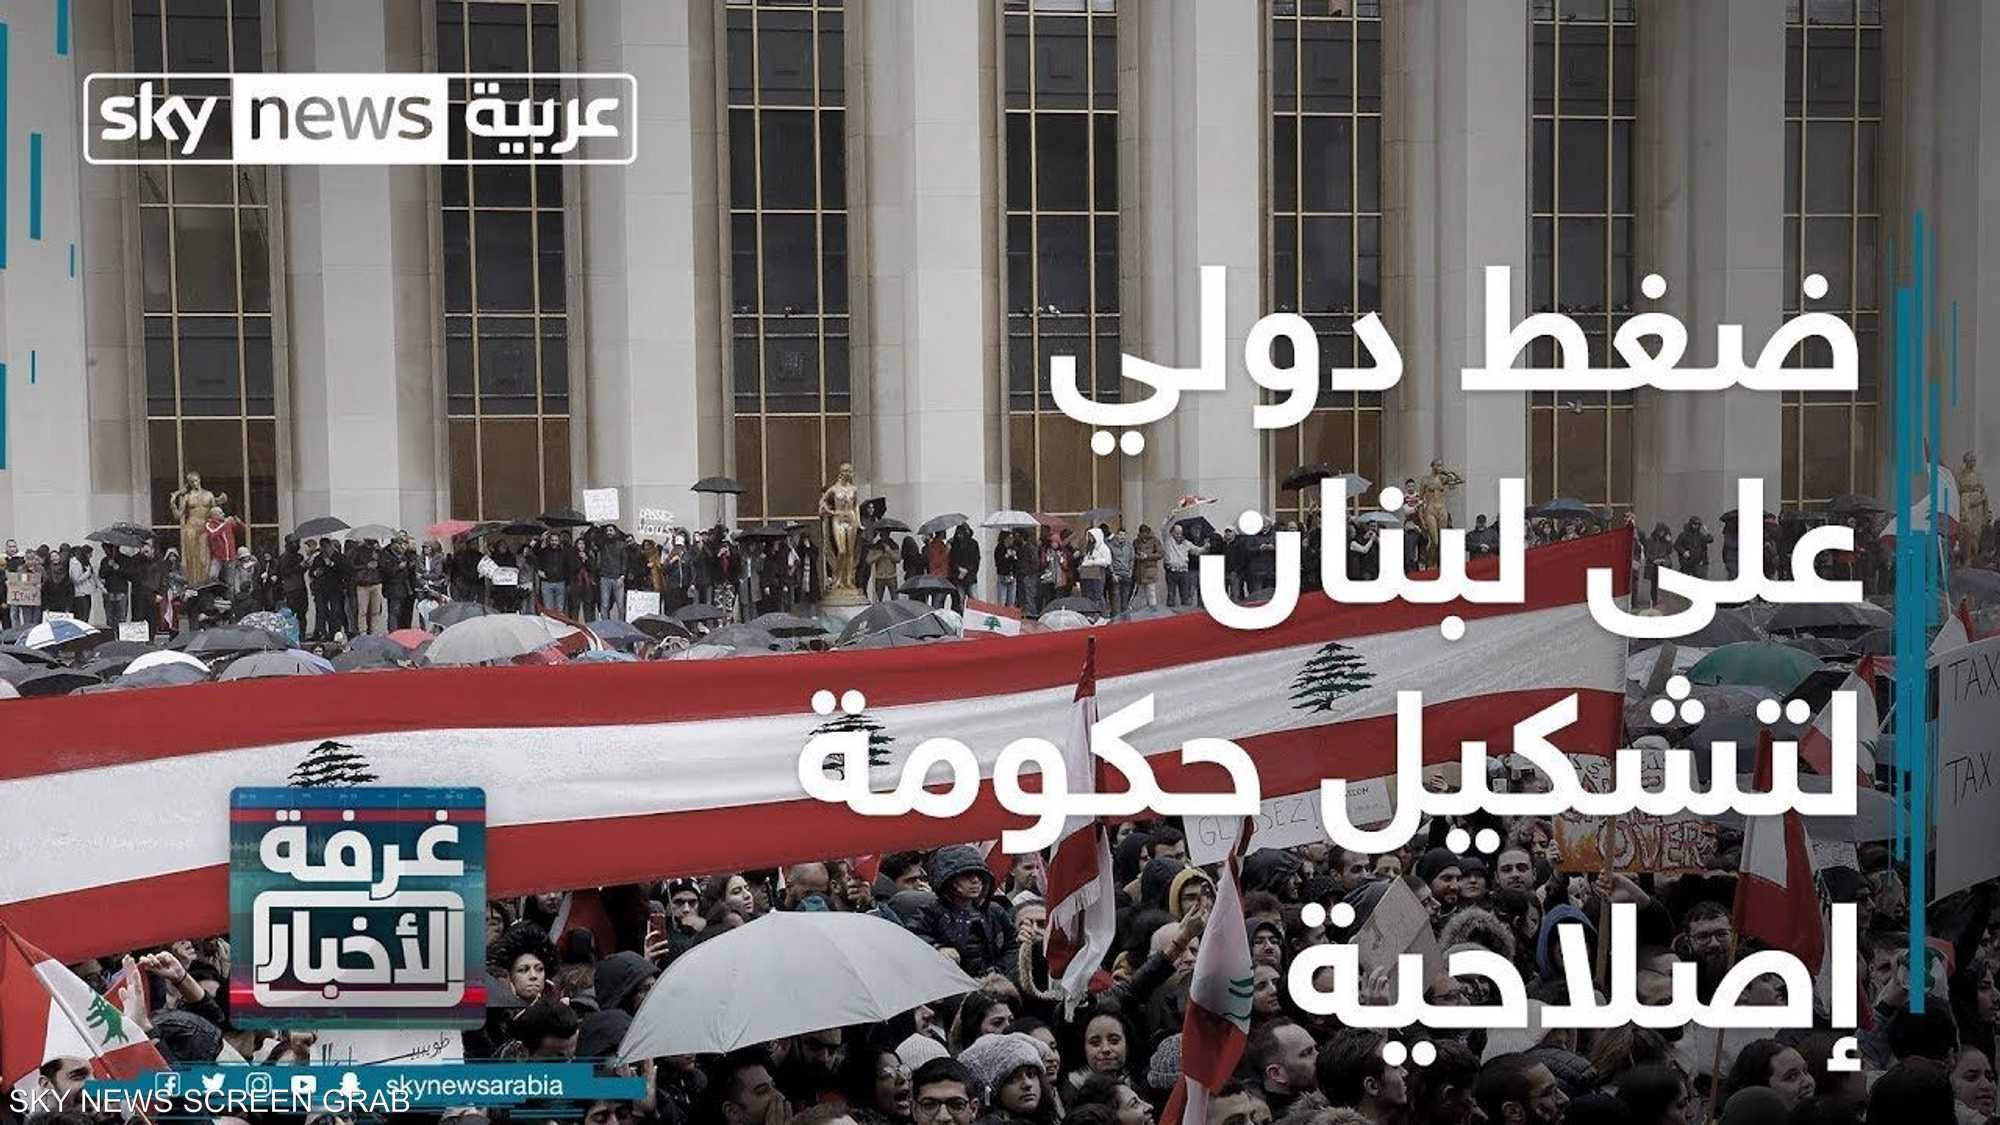 ضغط دولي على لبنان لتشكيل حكومة إصلاحية